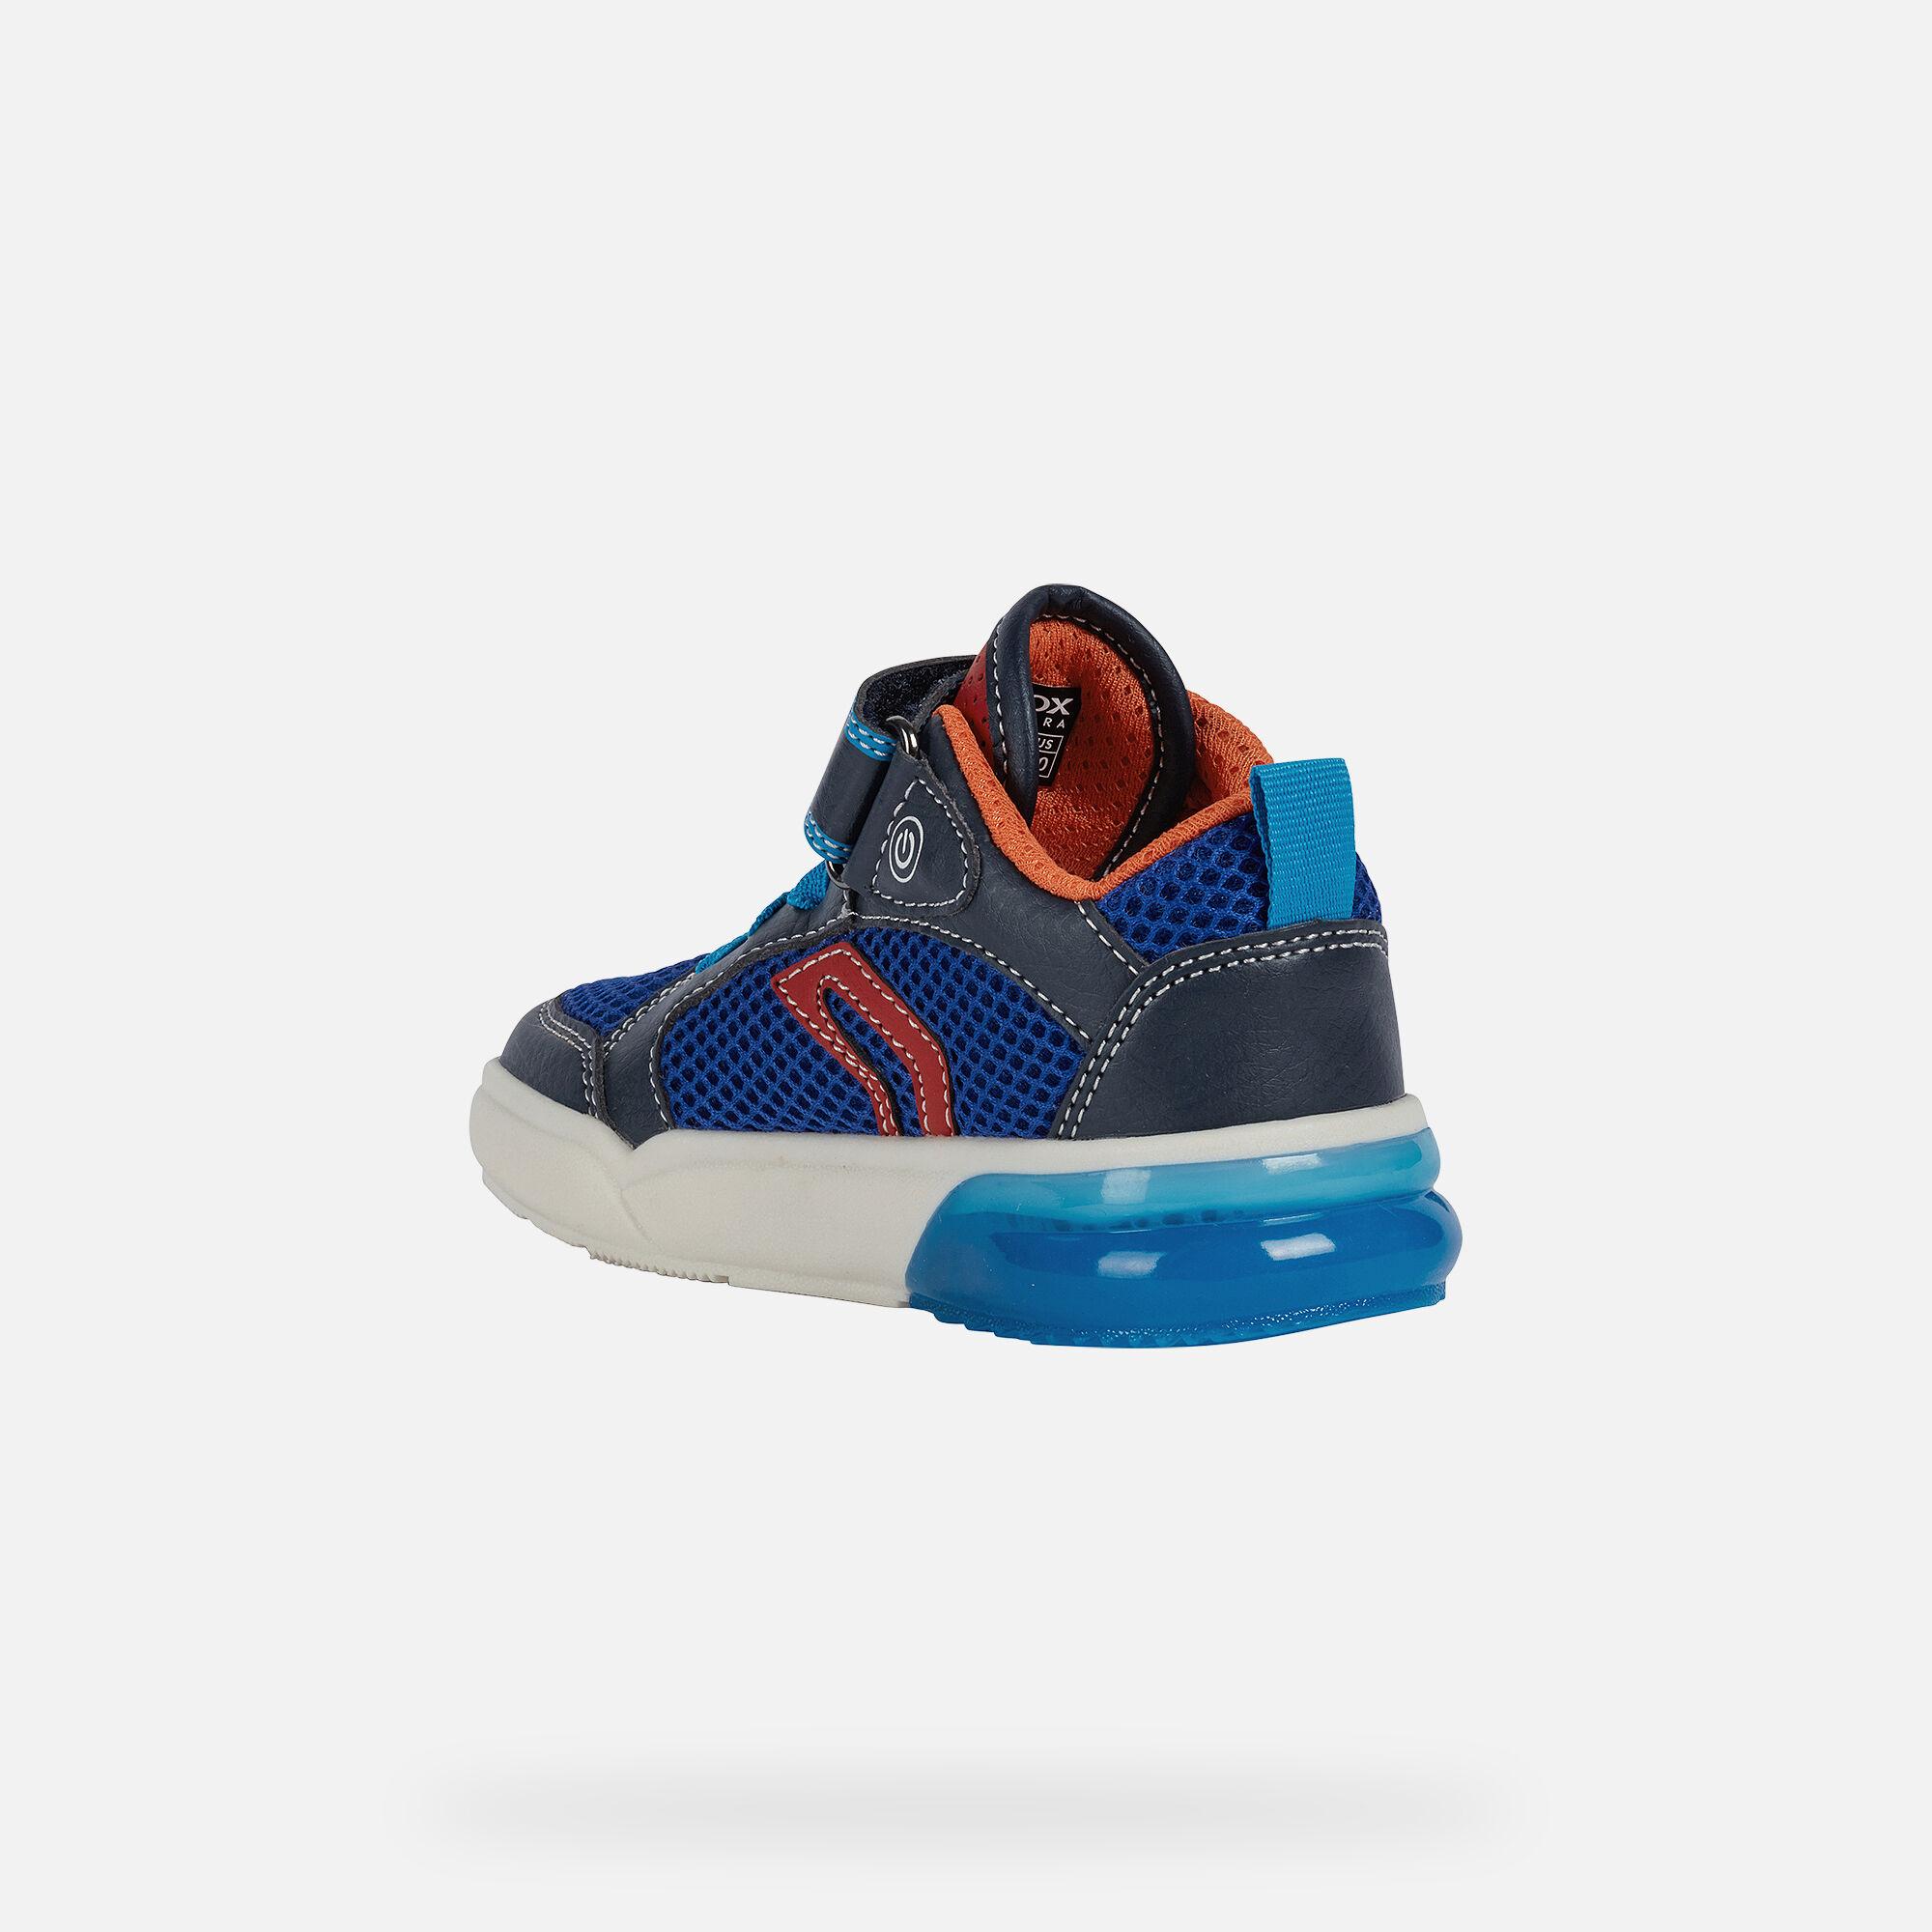 Colección de calzado niño azul claro, geox: precios